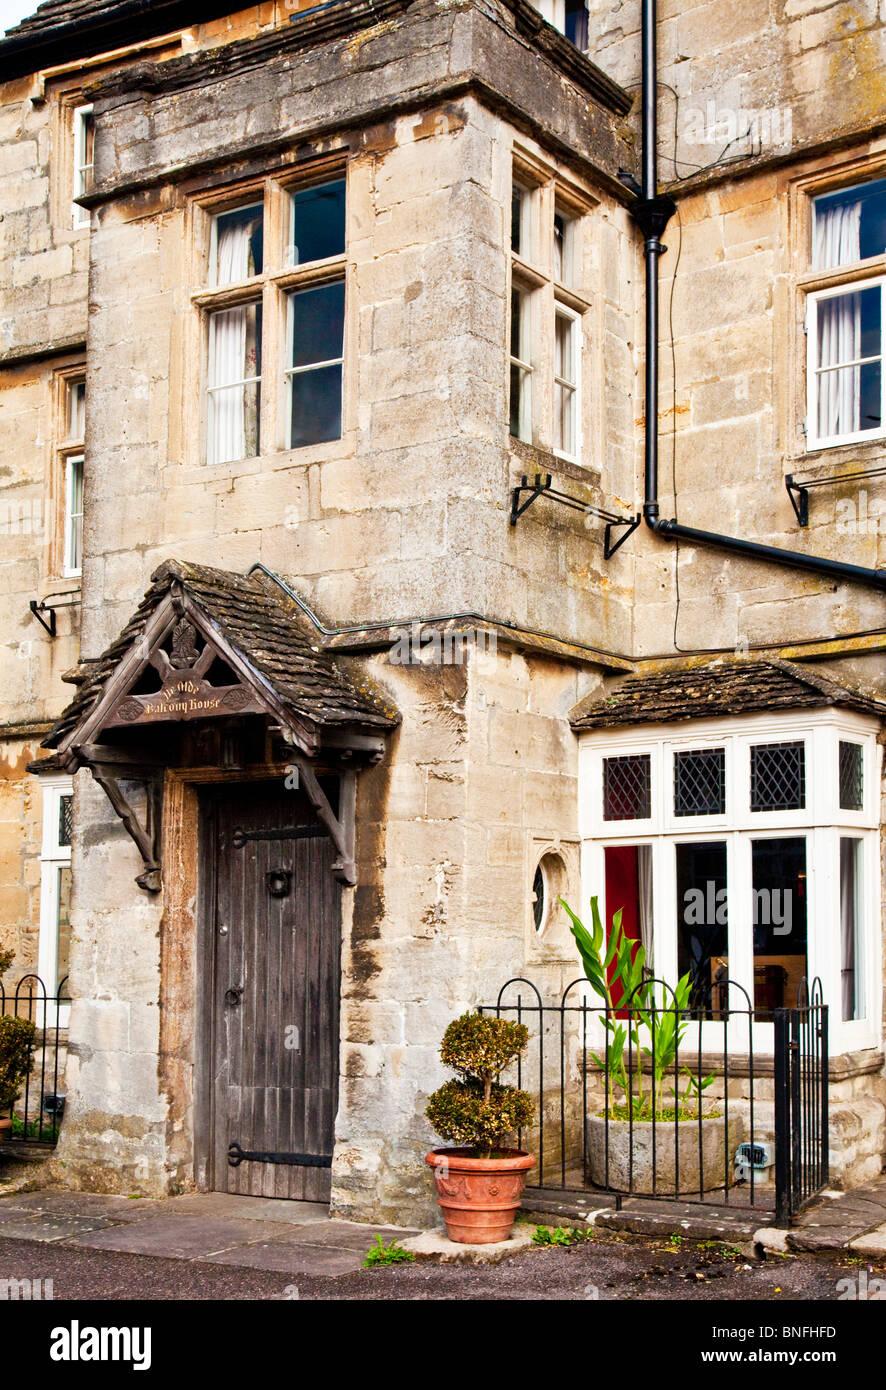 Balcony House, eines der ältesten Gebäude in der Cotswold-Dorf Sherston, Wiltshire Stockbild